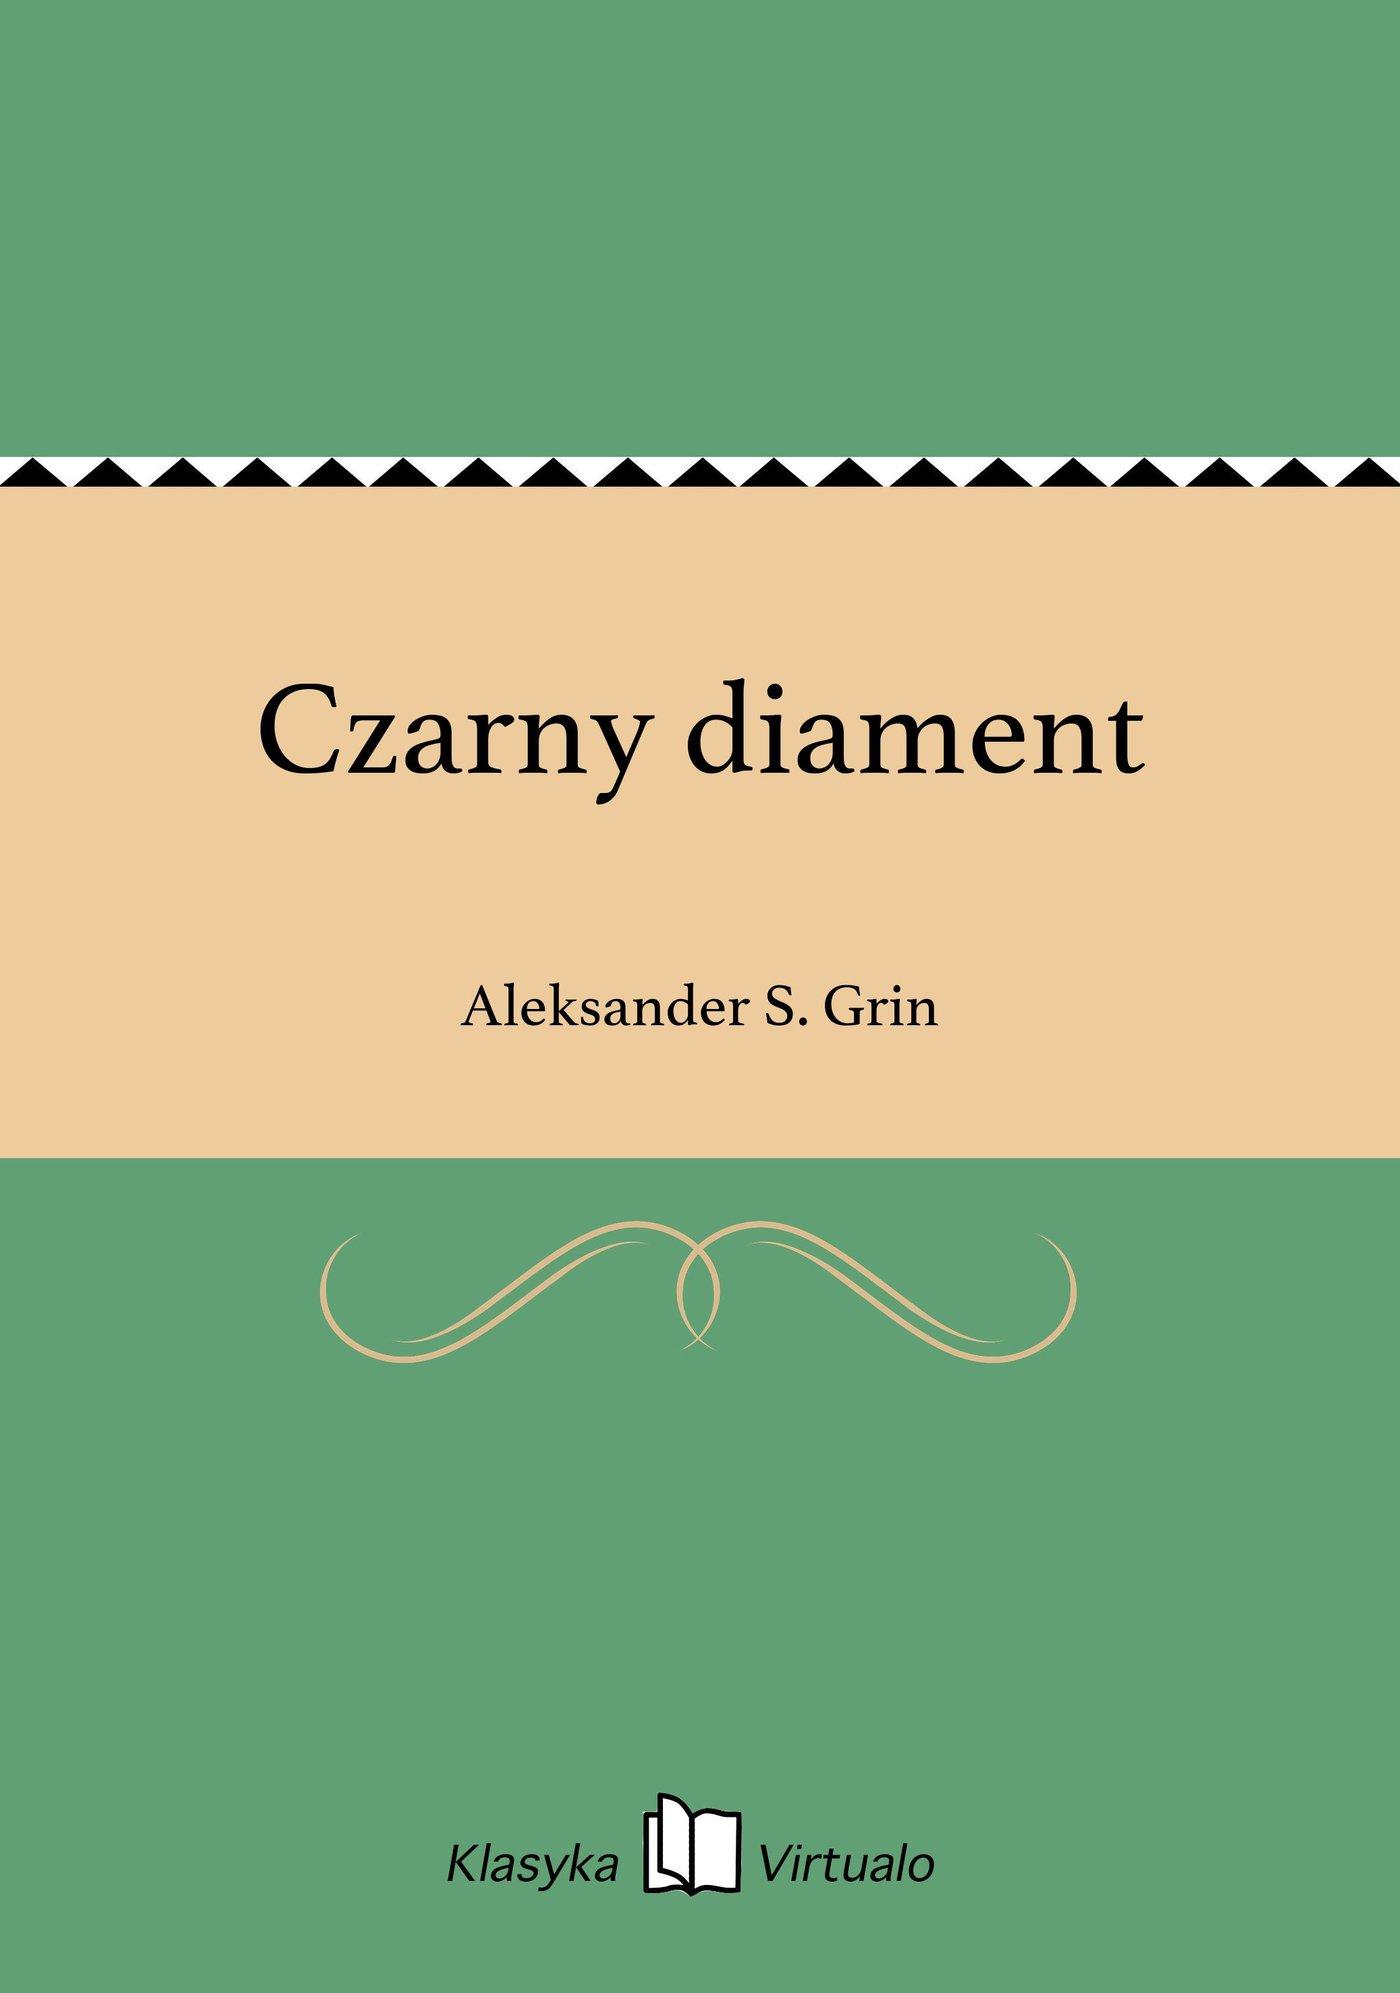 Czarny diament - Ebook (Książka EPUB) do pobrania w formacie EPUB